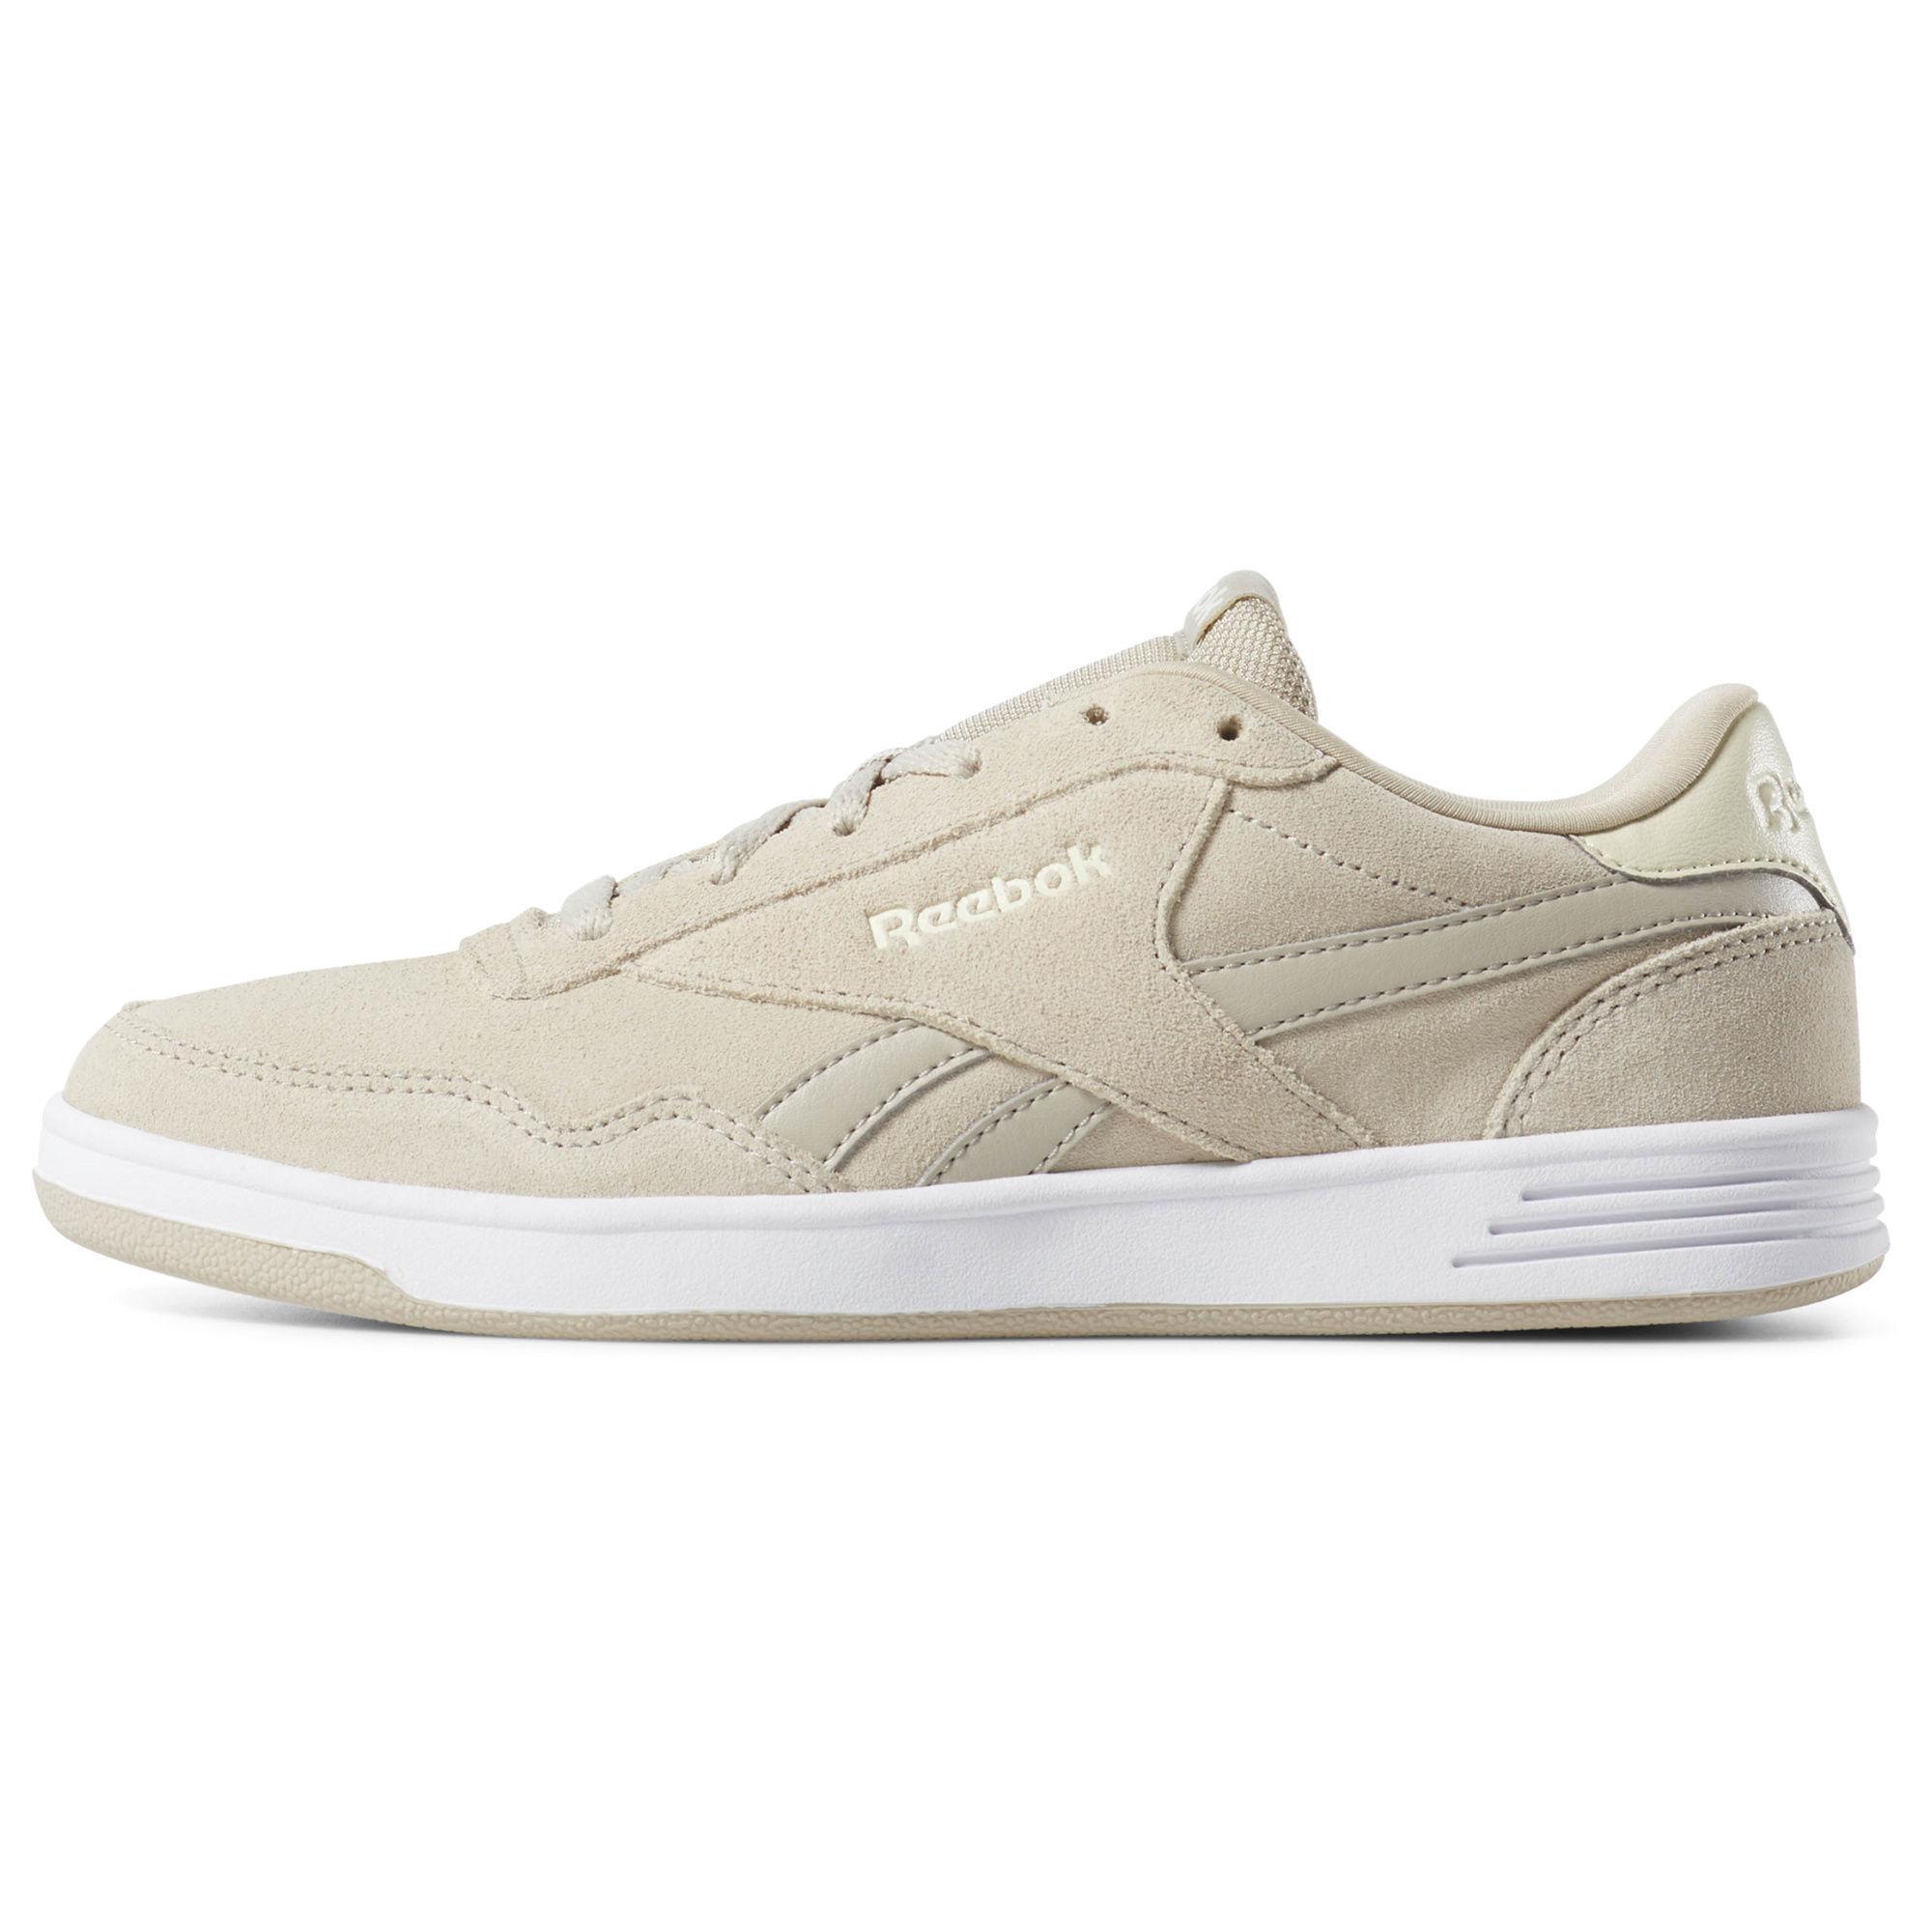 Reebok Turnschuhe Damen Light Sand Washed Gelb Weiß im Online Shop von SportScheck kaufen Gute Qualität beliebte Schuhe